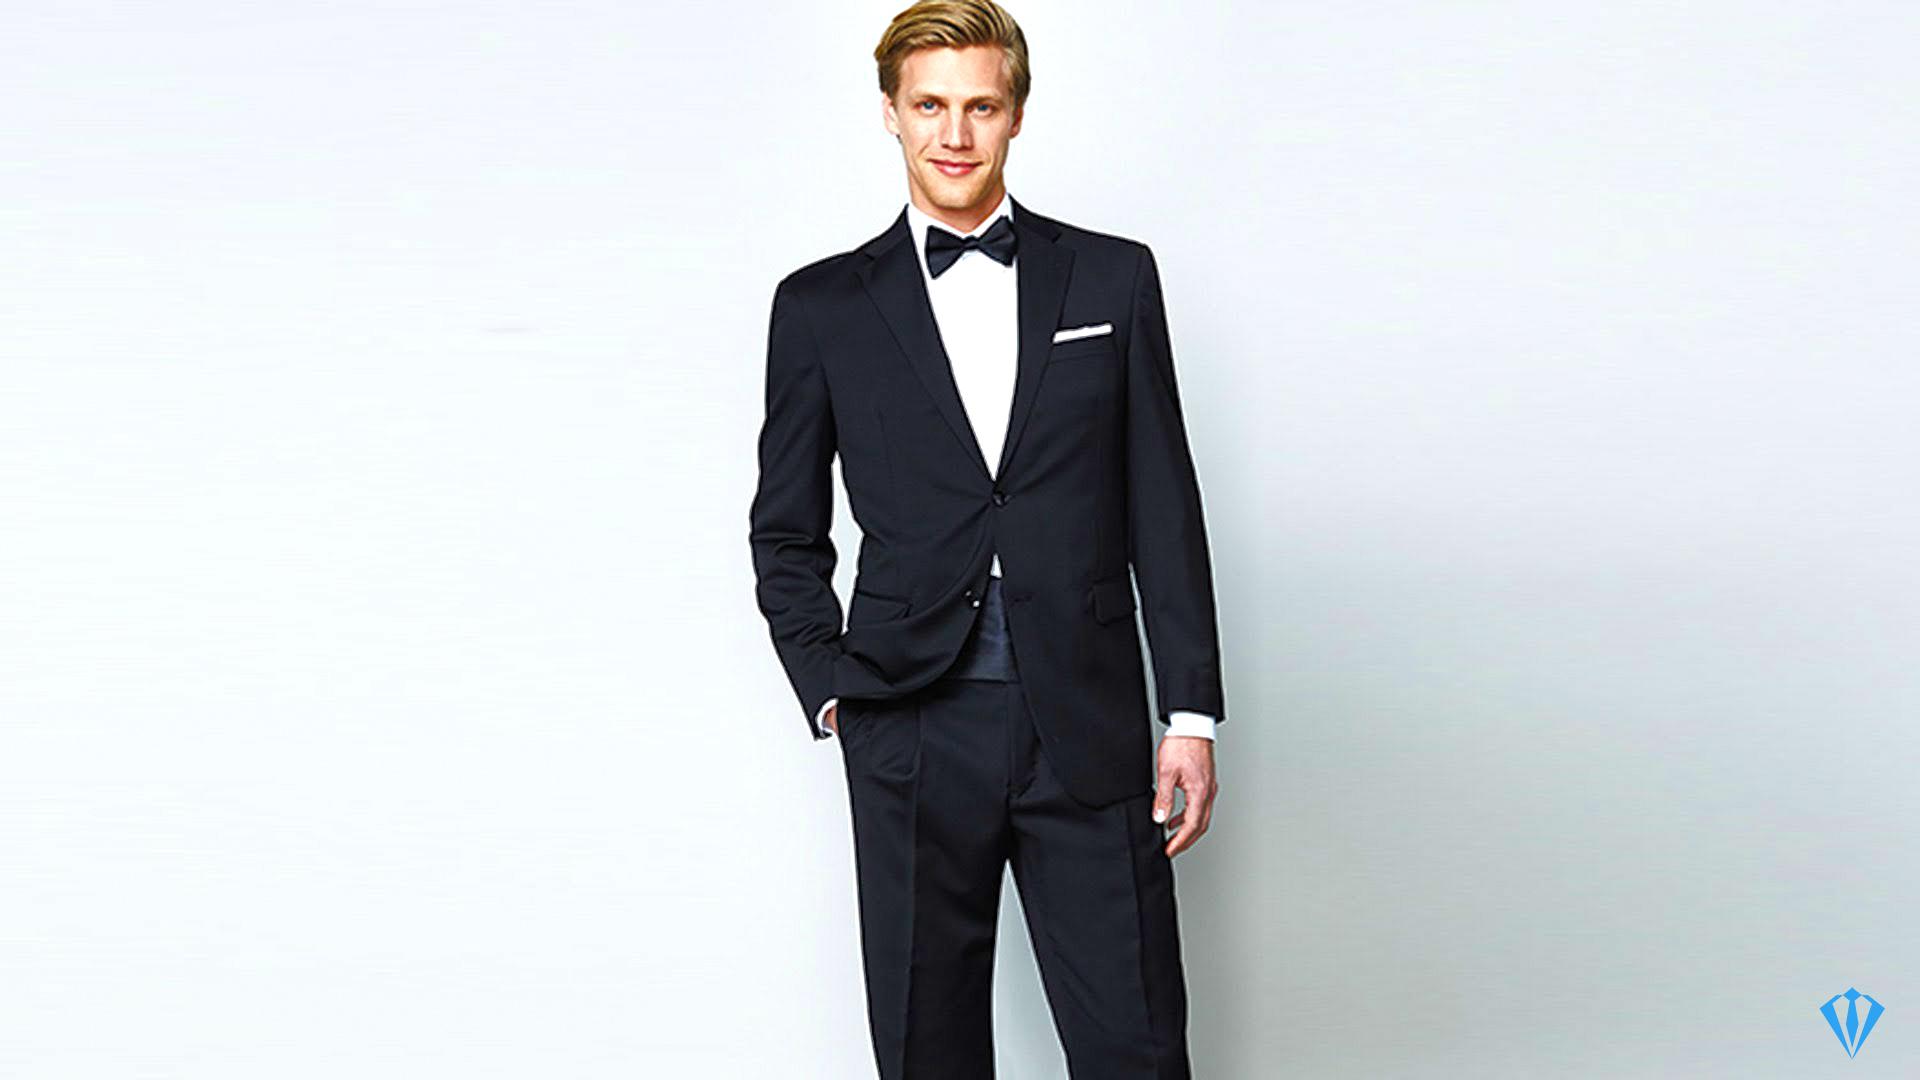 Wedding Suits Attire for Men: Shop & Reviews - Suits Expert